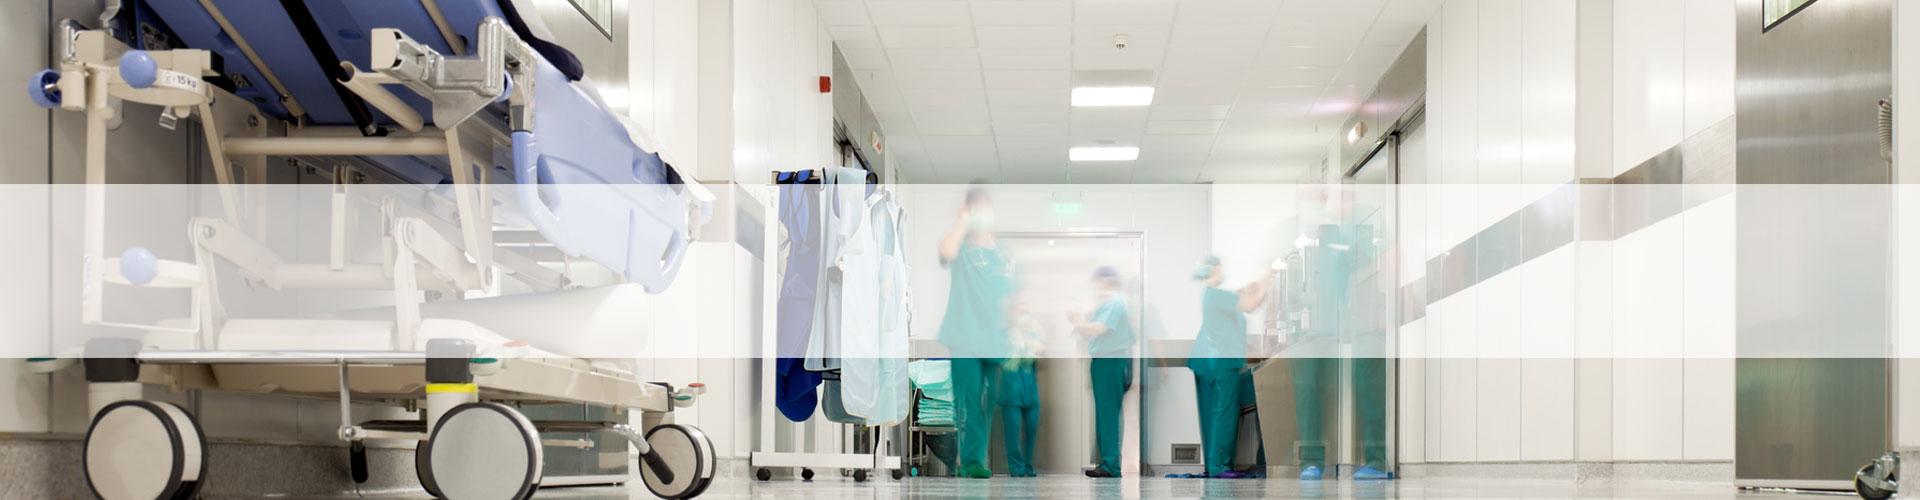 medical injury banner